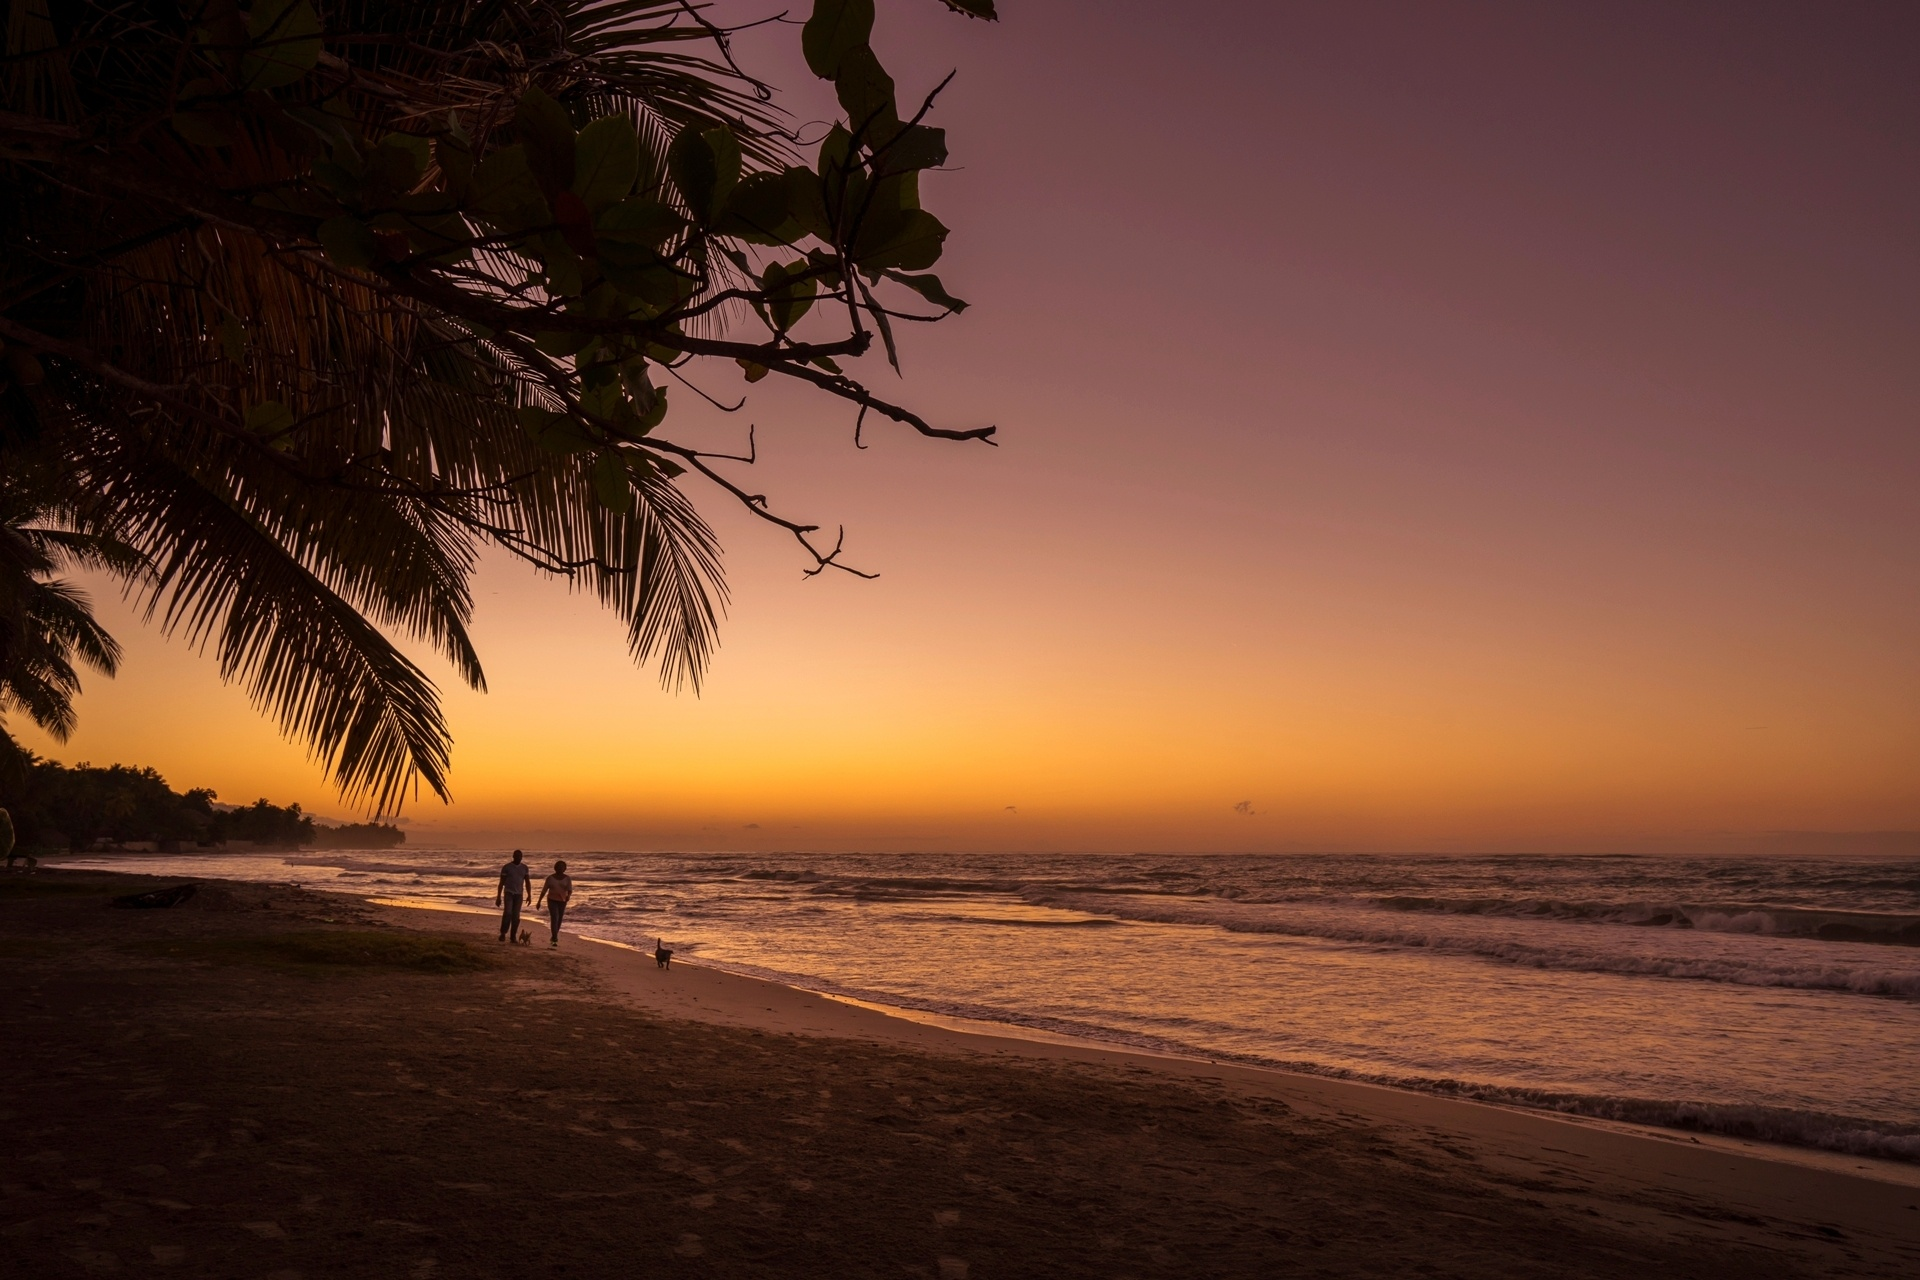 朝焼けのビーチ ハイチの風景